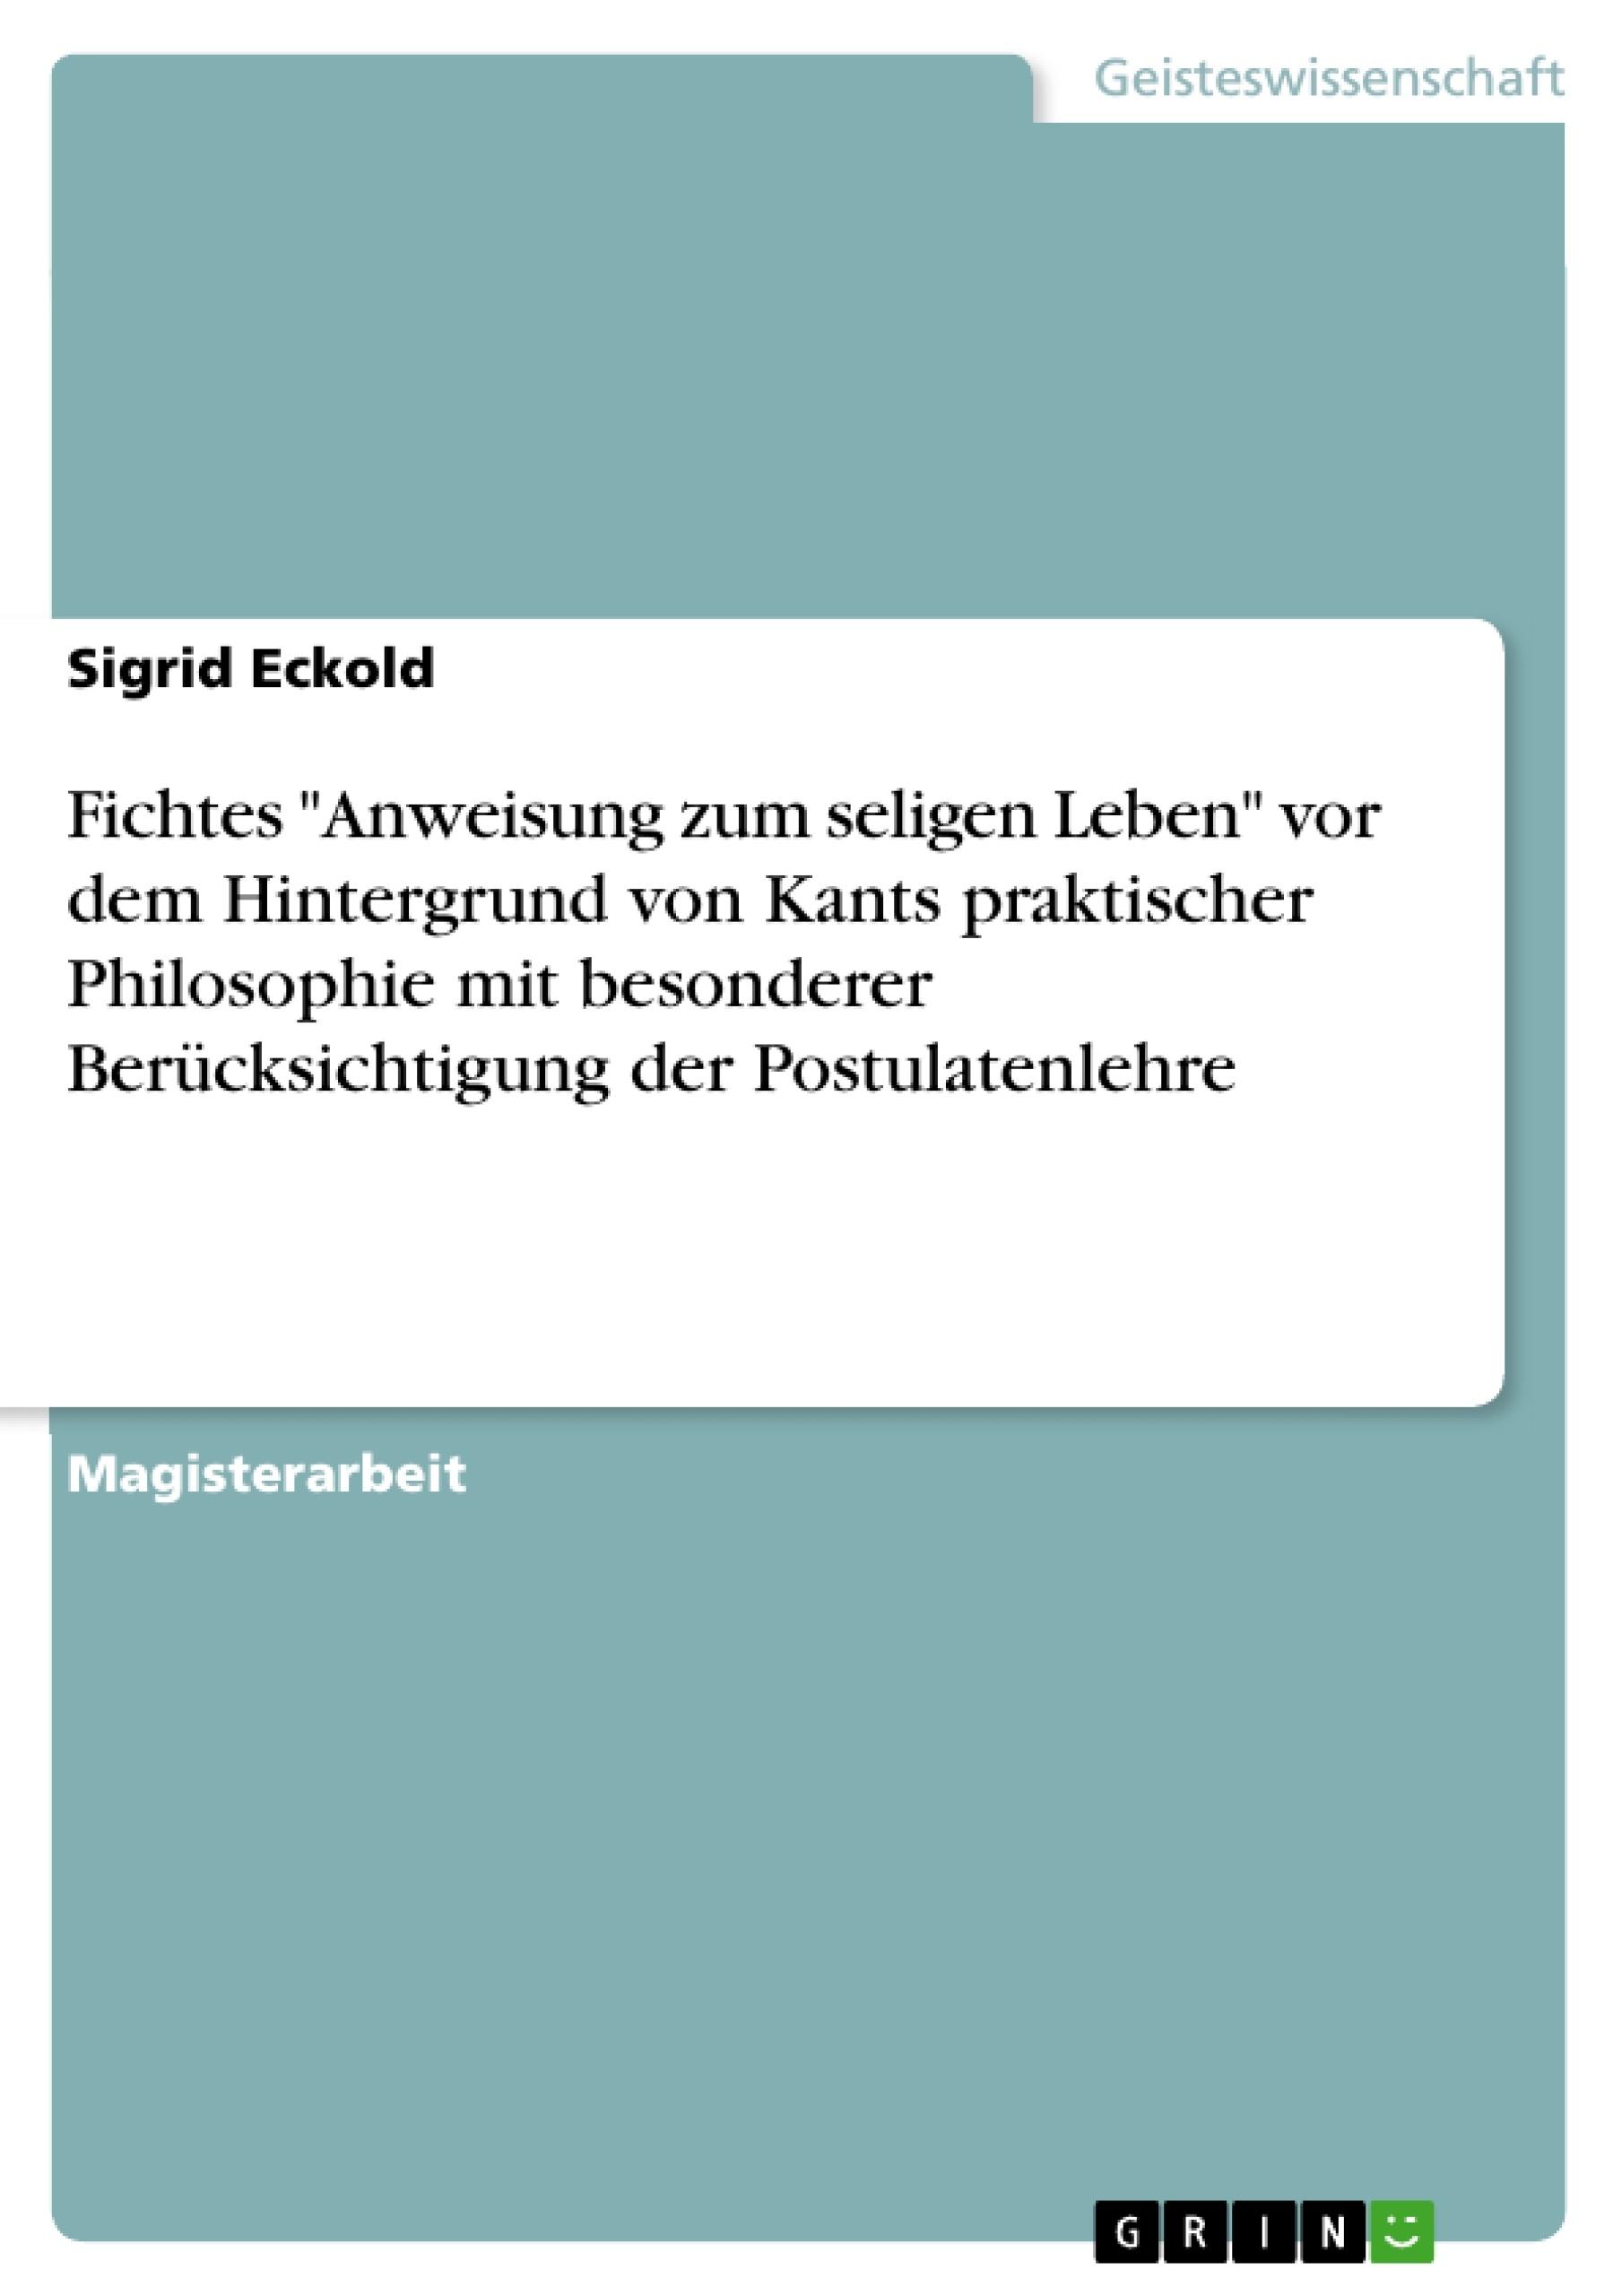 """Titel: Fichtes """"Anweisung zum seligen Leben"""" vor dem Hintergrund von Kants praktischer Philosophie mit besonderer Berücksichtigung der Postulatenlehre"""